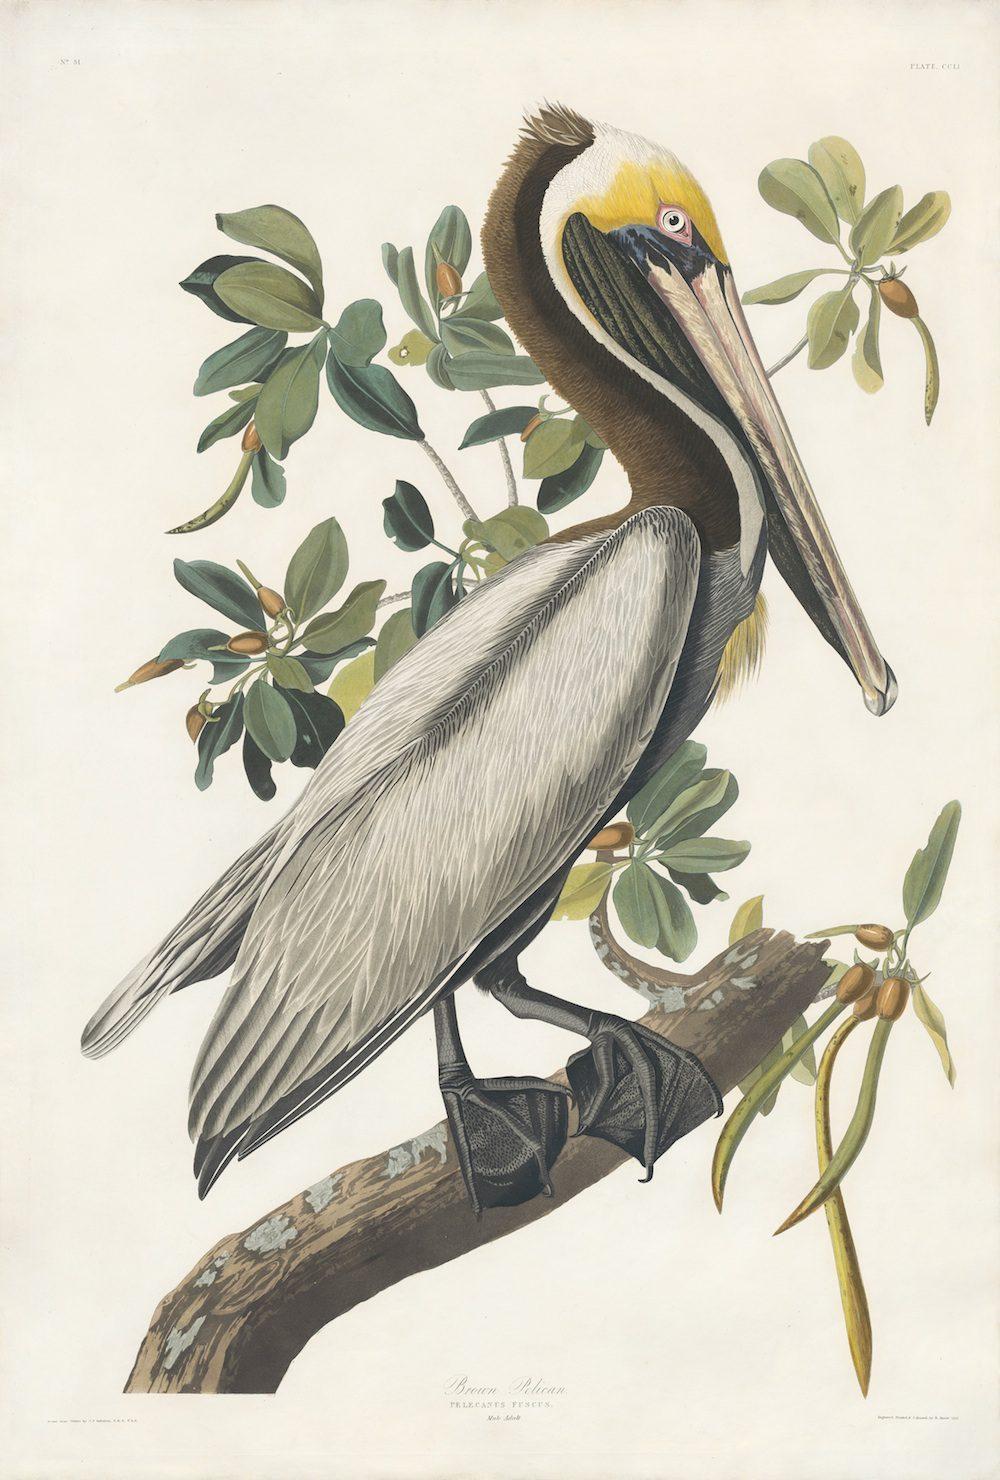 awhite heron essay a white heron essay words cram awhite heron essay